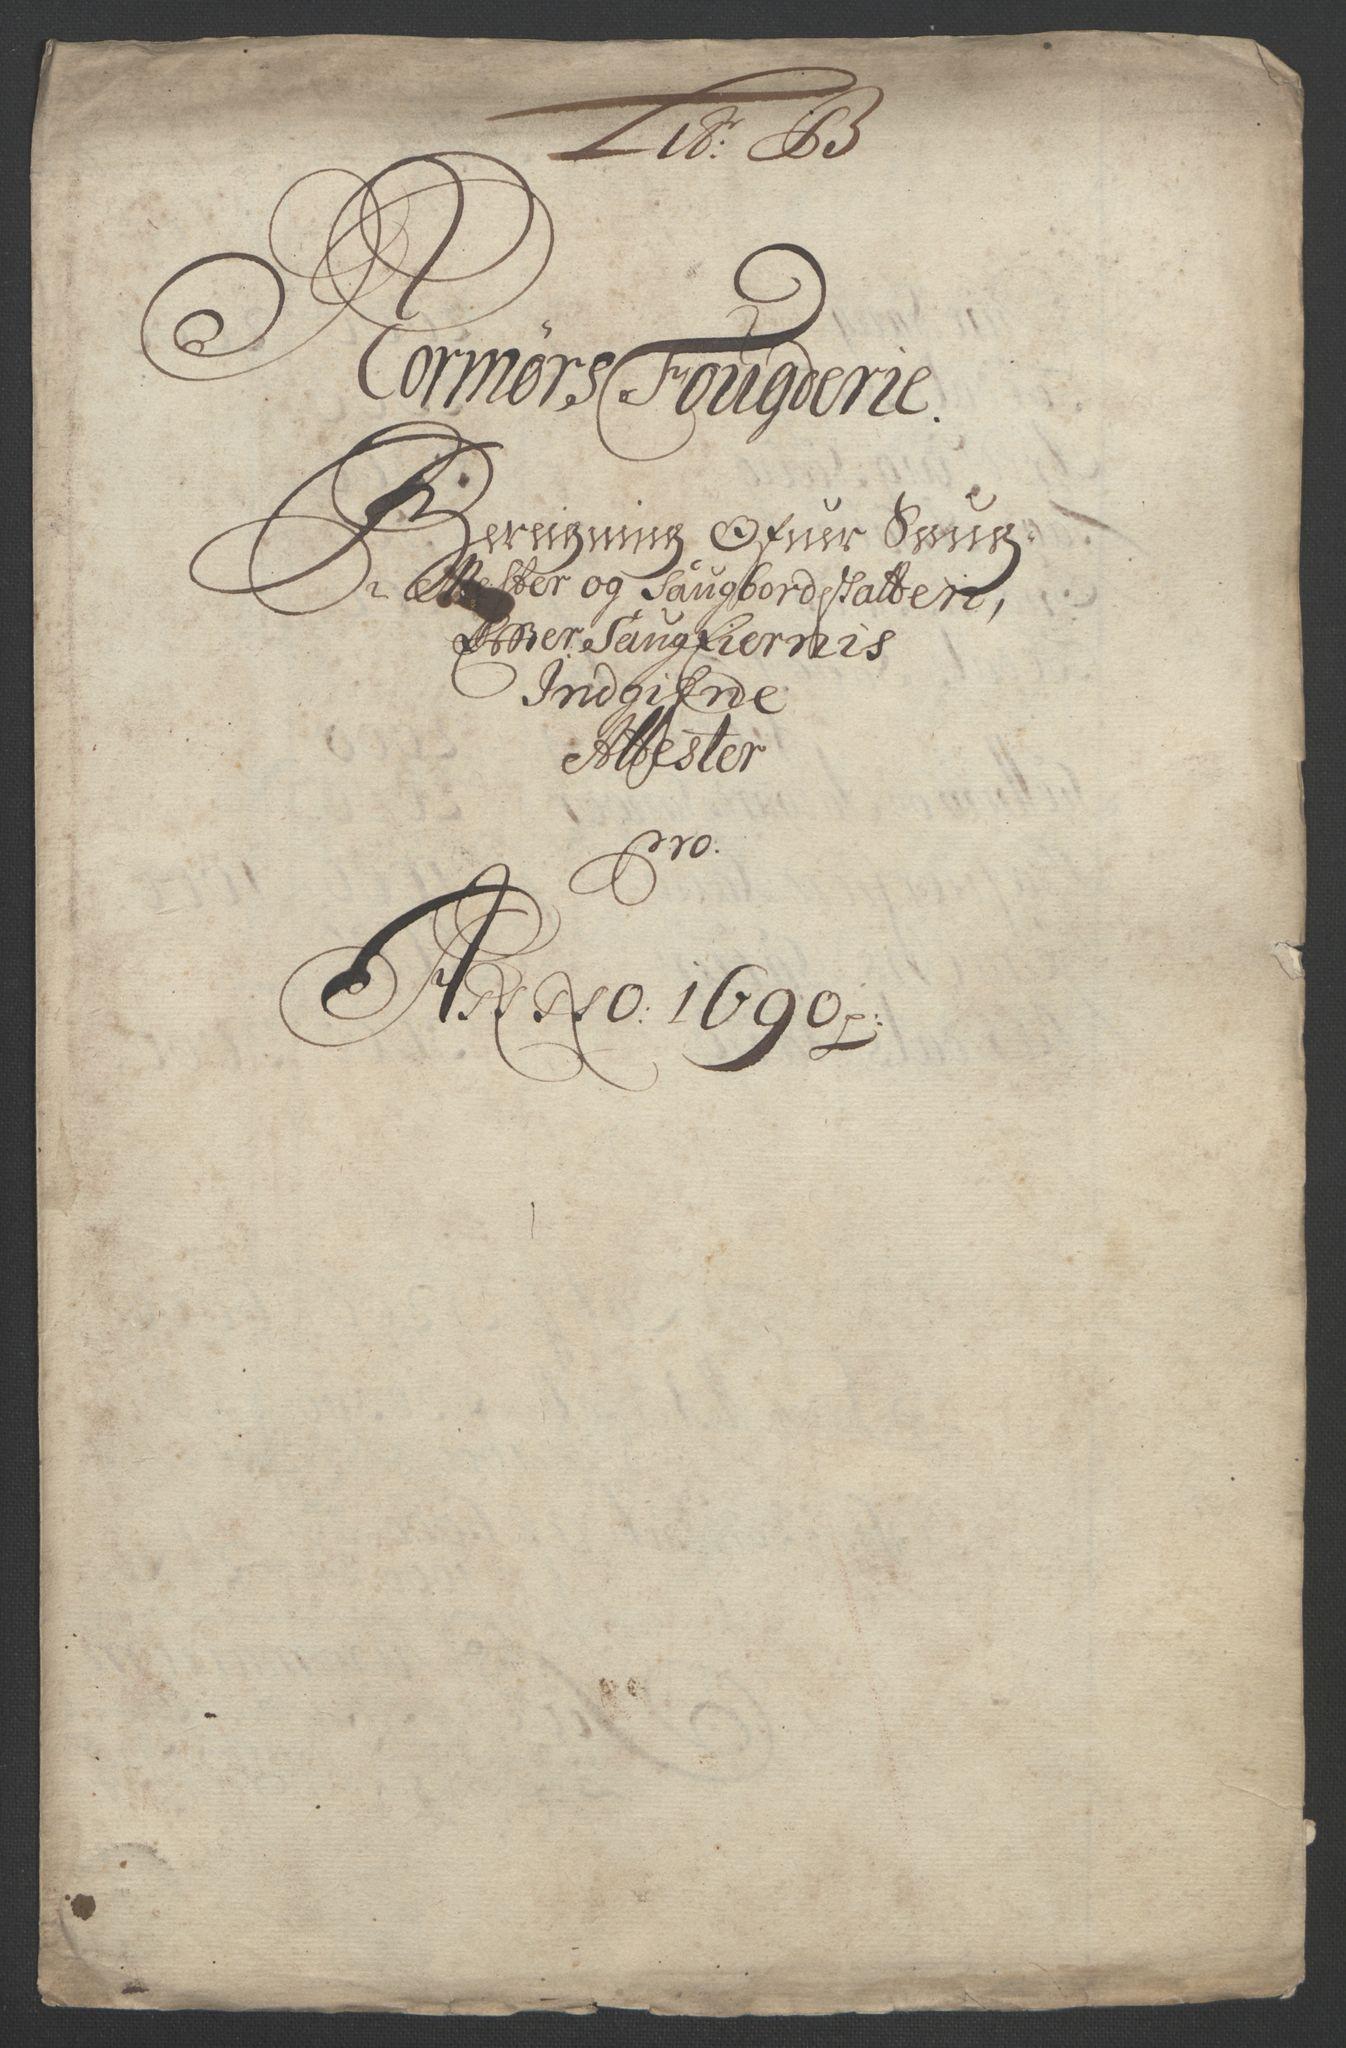 RA, Rentekammeret inntil 1814, Reviderte regnskaper, Fogderegnskap, R56/L3734: Fogderegnskap Nordmøre, 1690-1691, s. 74